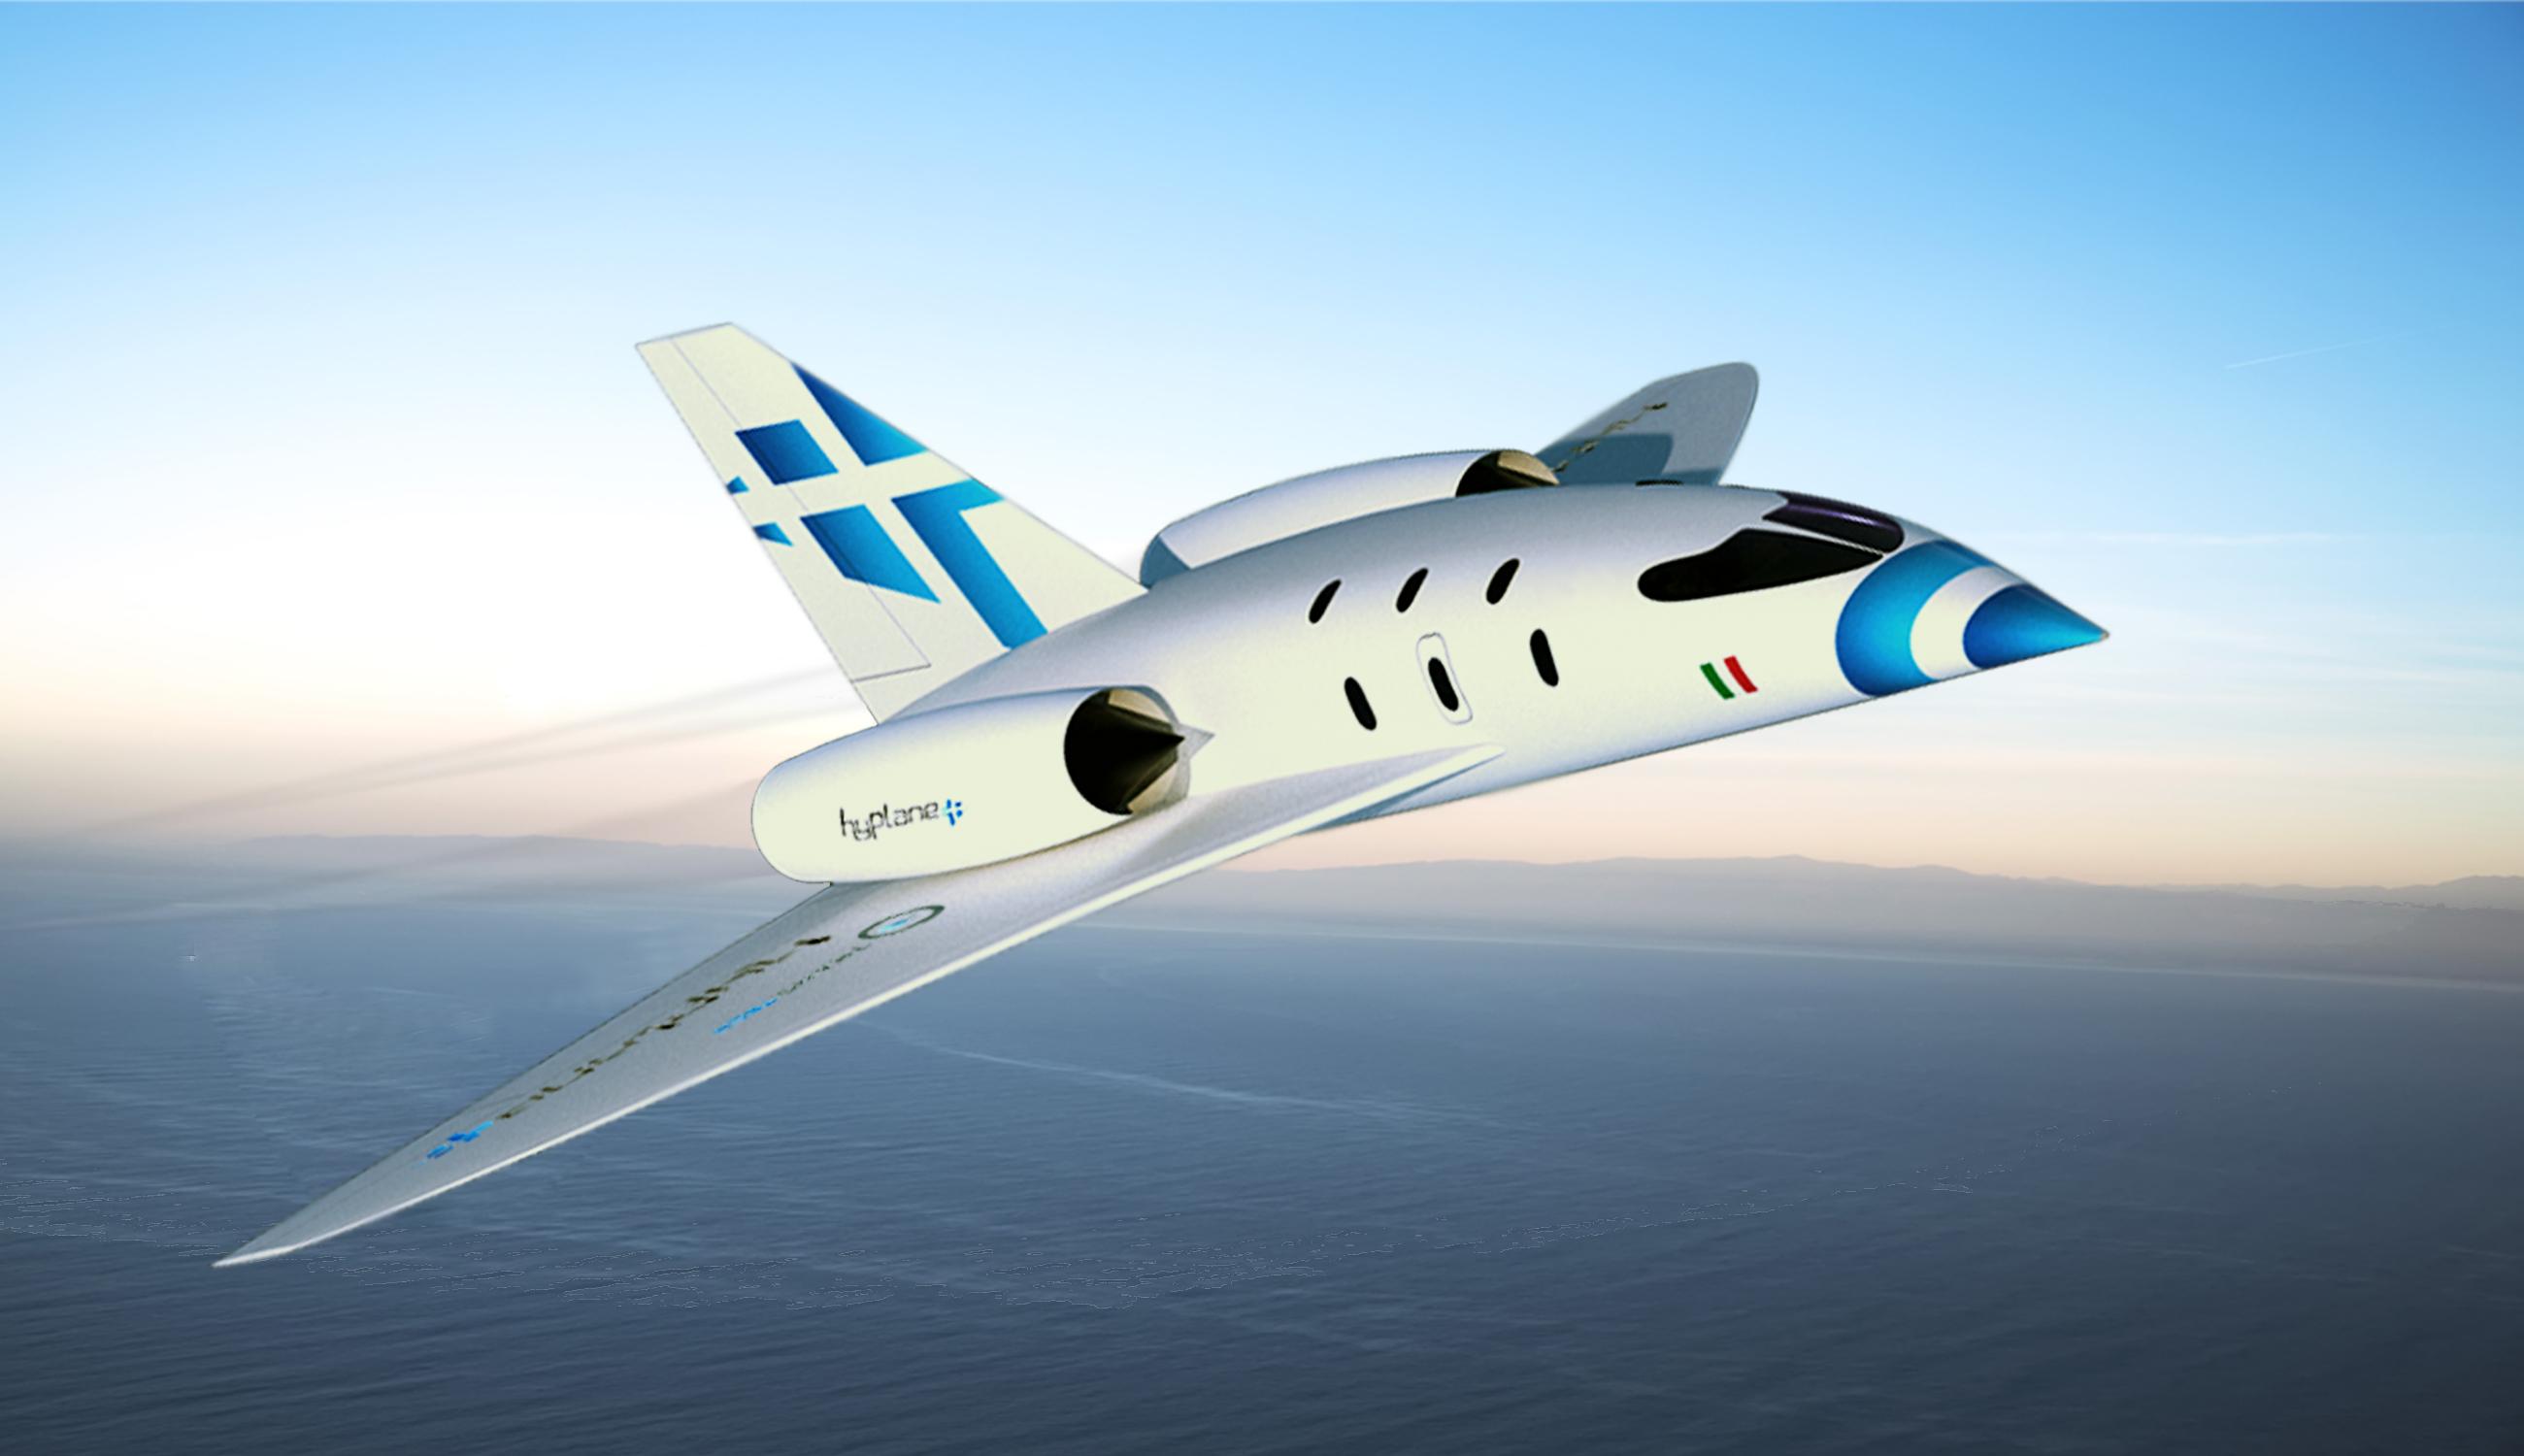 Hyplane_3.2_CIV 1_volo